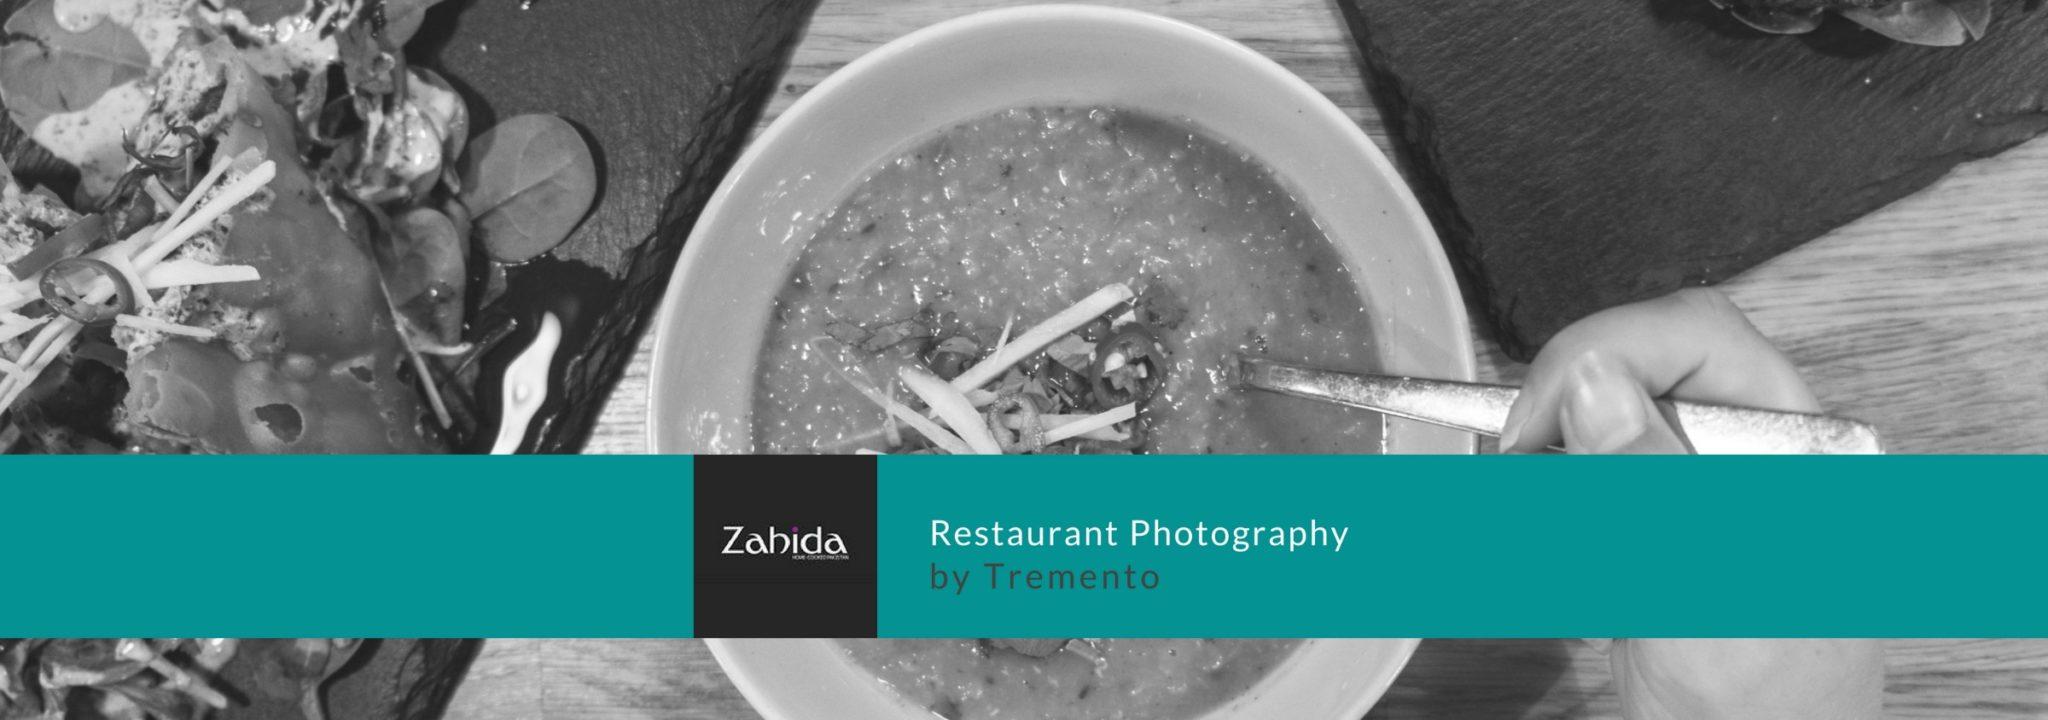 Tremento Portfolio - Zahida - Restaurant Photography